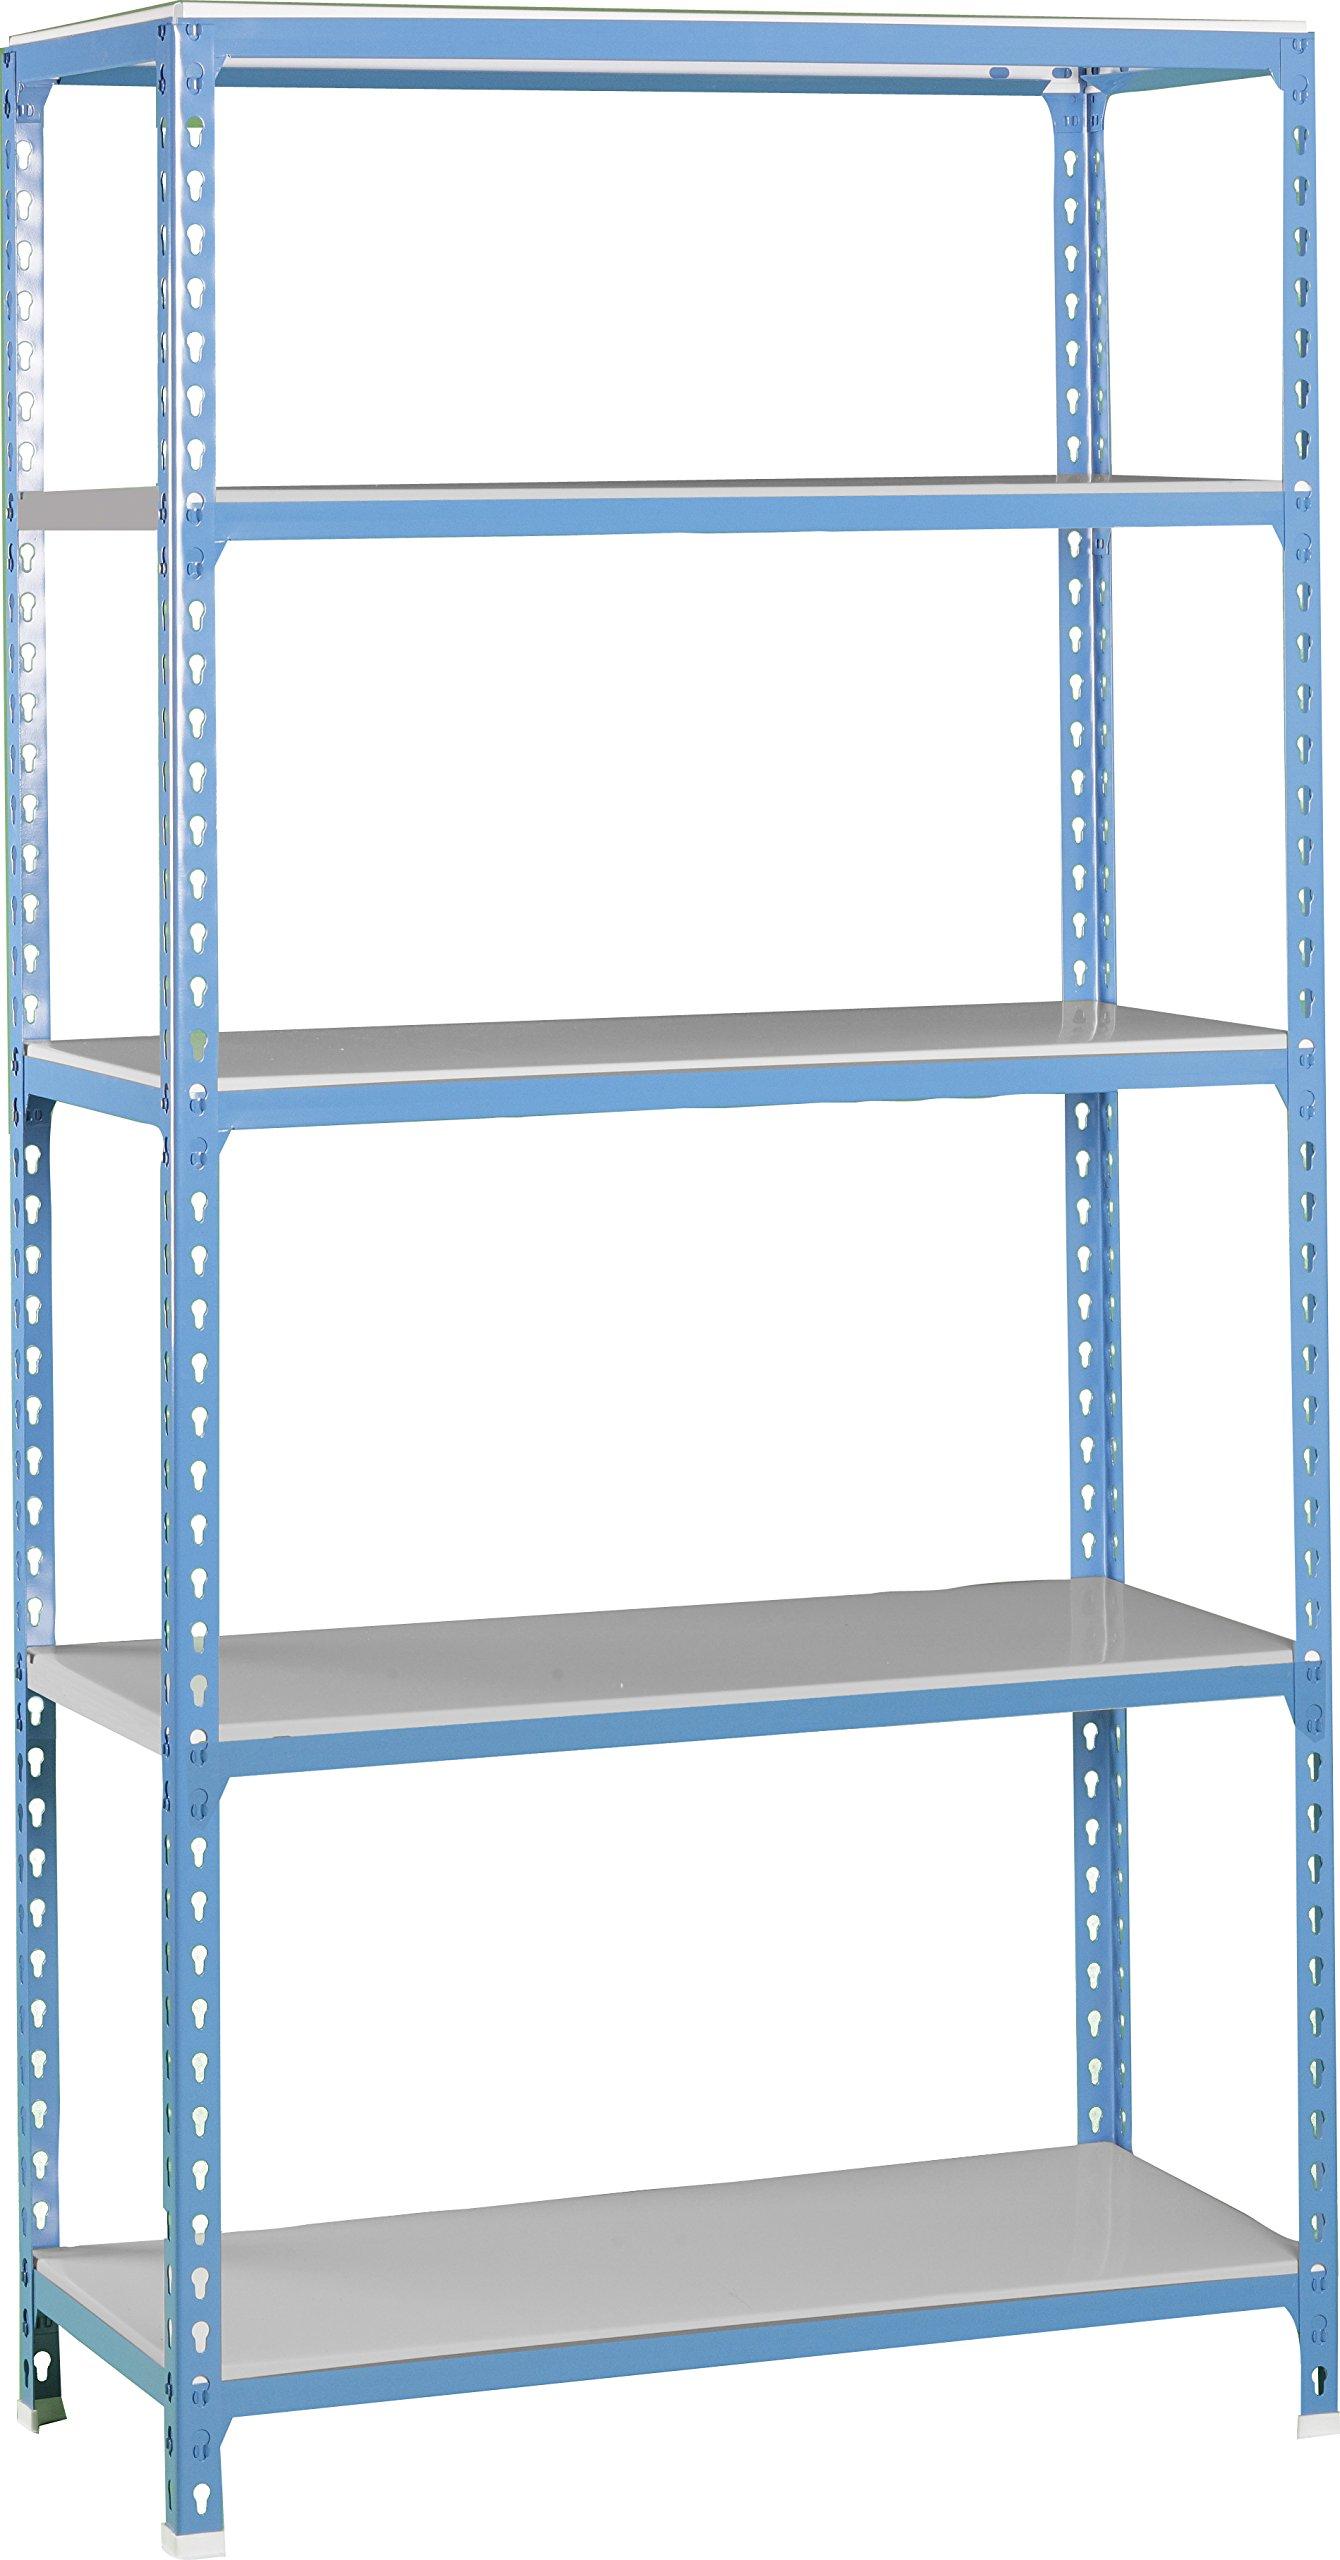 Simonrack 5/400 Simonclick Kit Plus Shelf, Blue/Galvanized